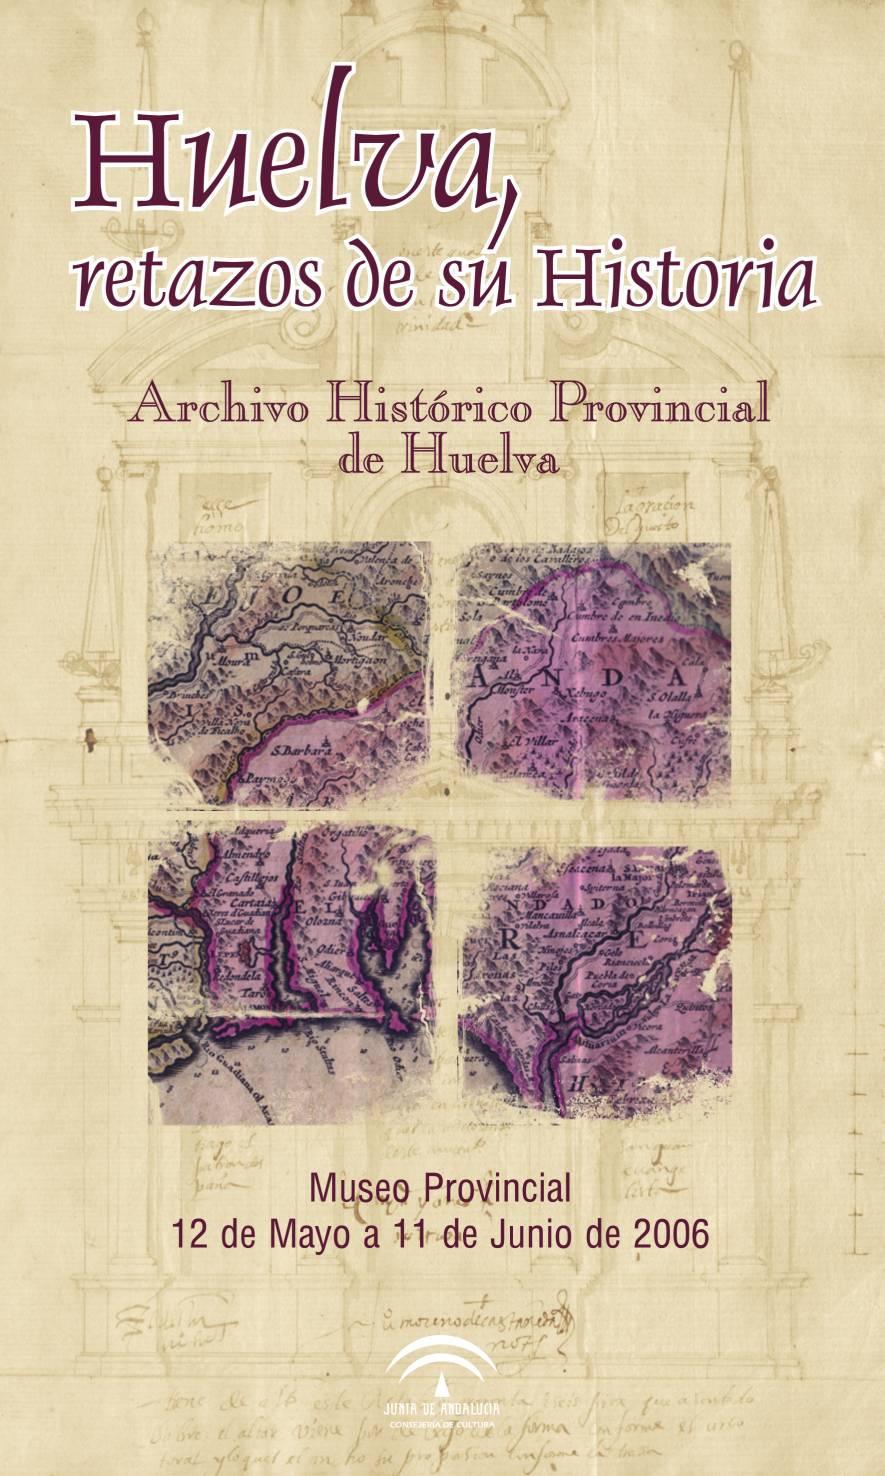 Huelva, retazos de su historia